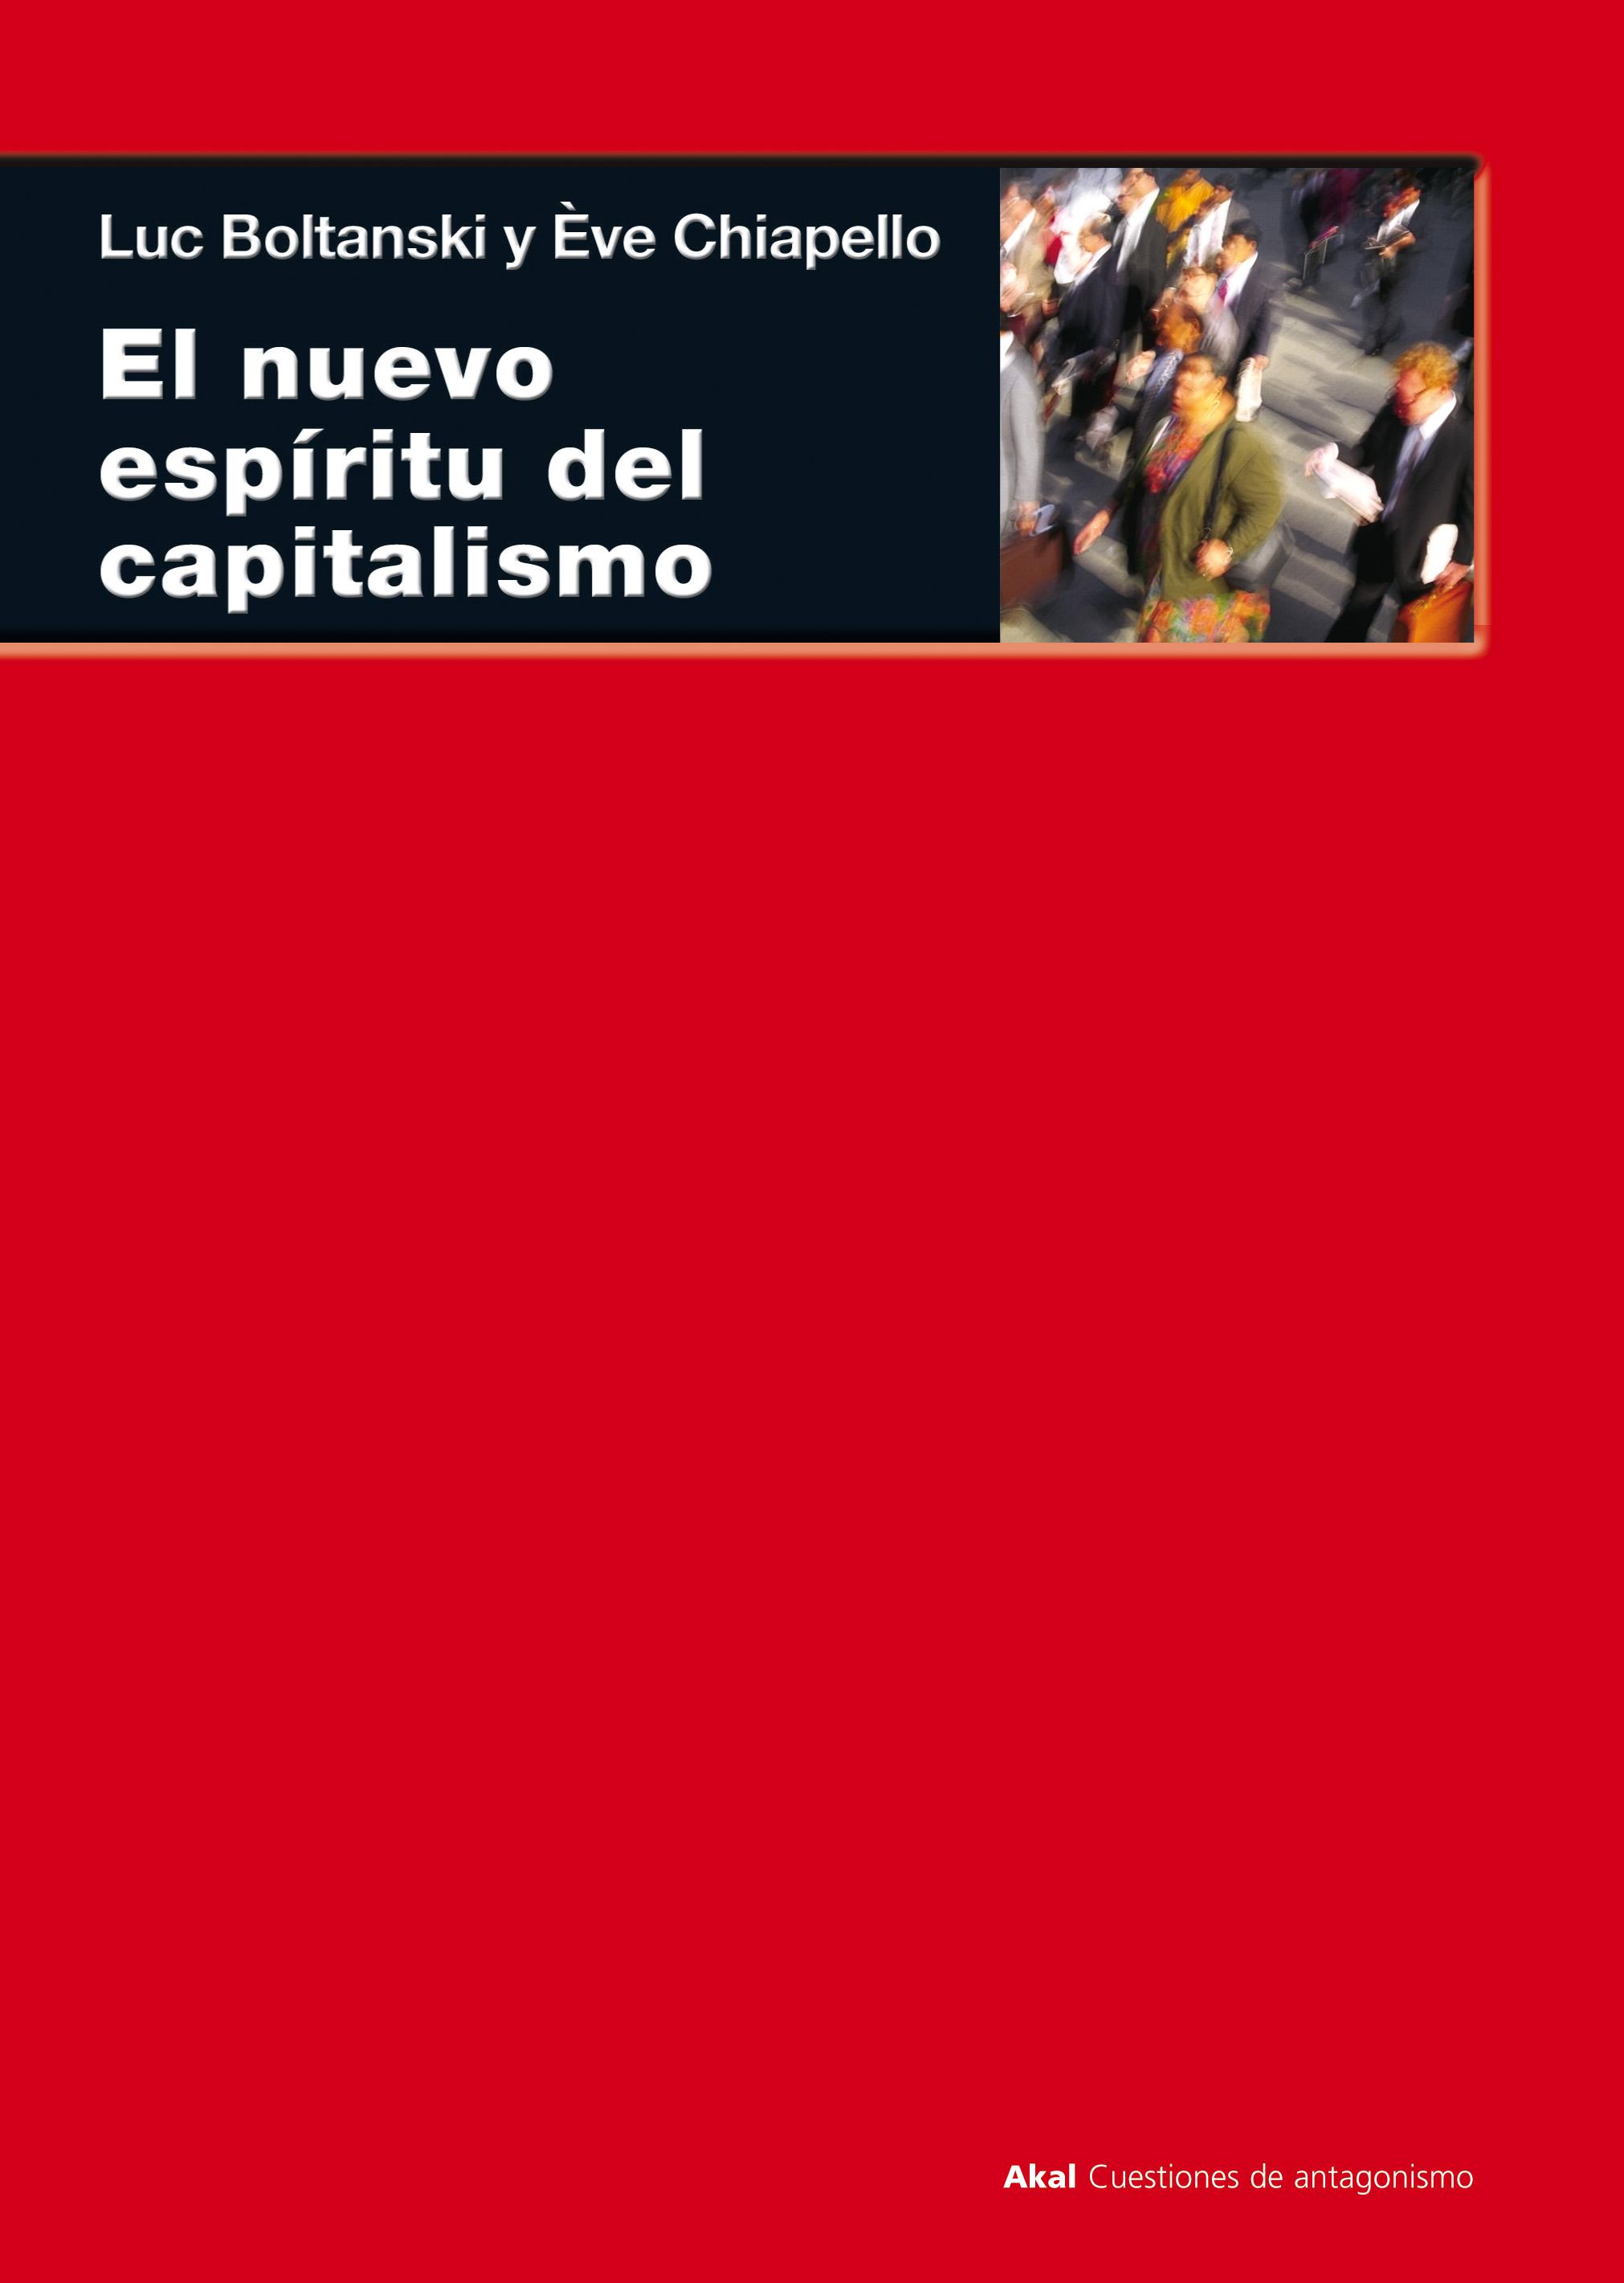 El nuevo espíritu del capitalismo